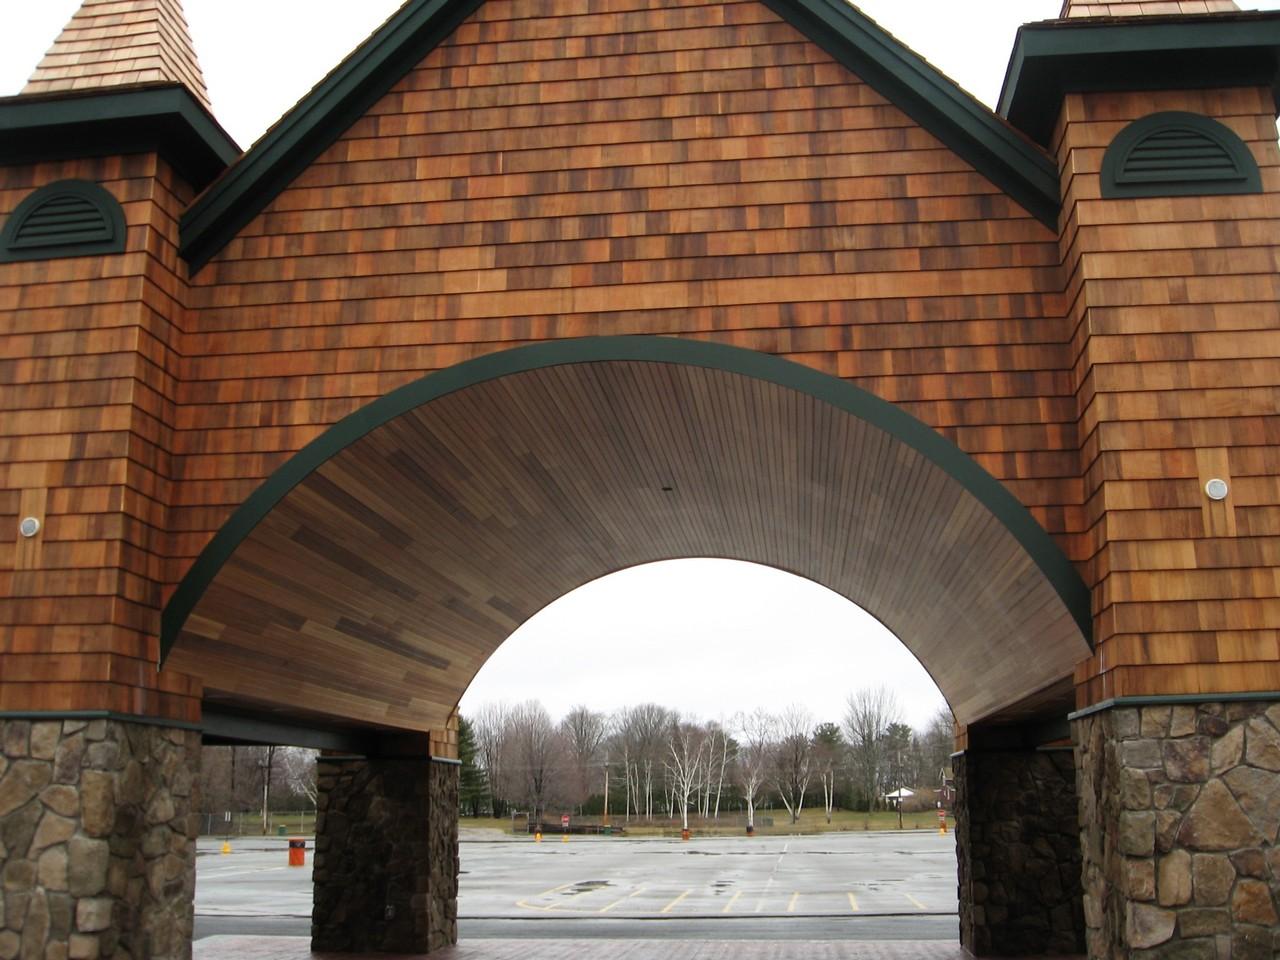 Canobie Lake Park Salem, NH